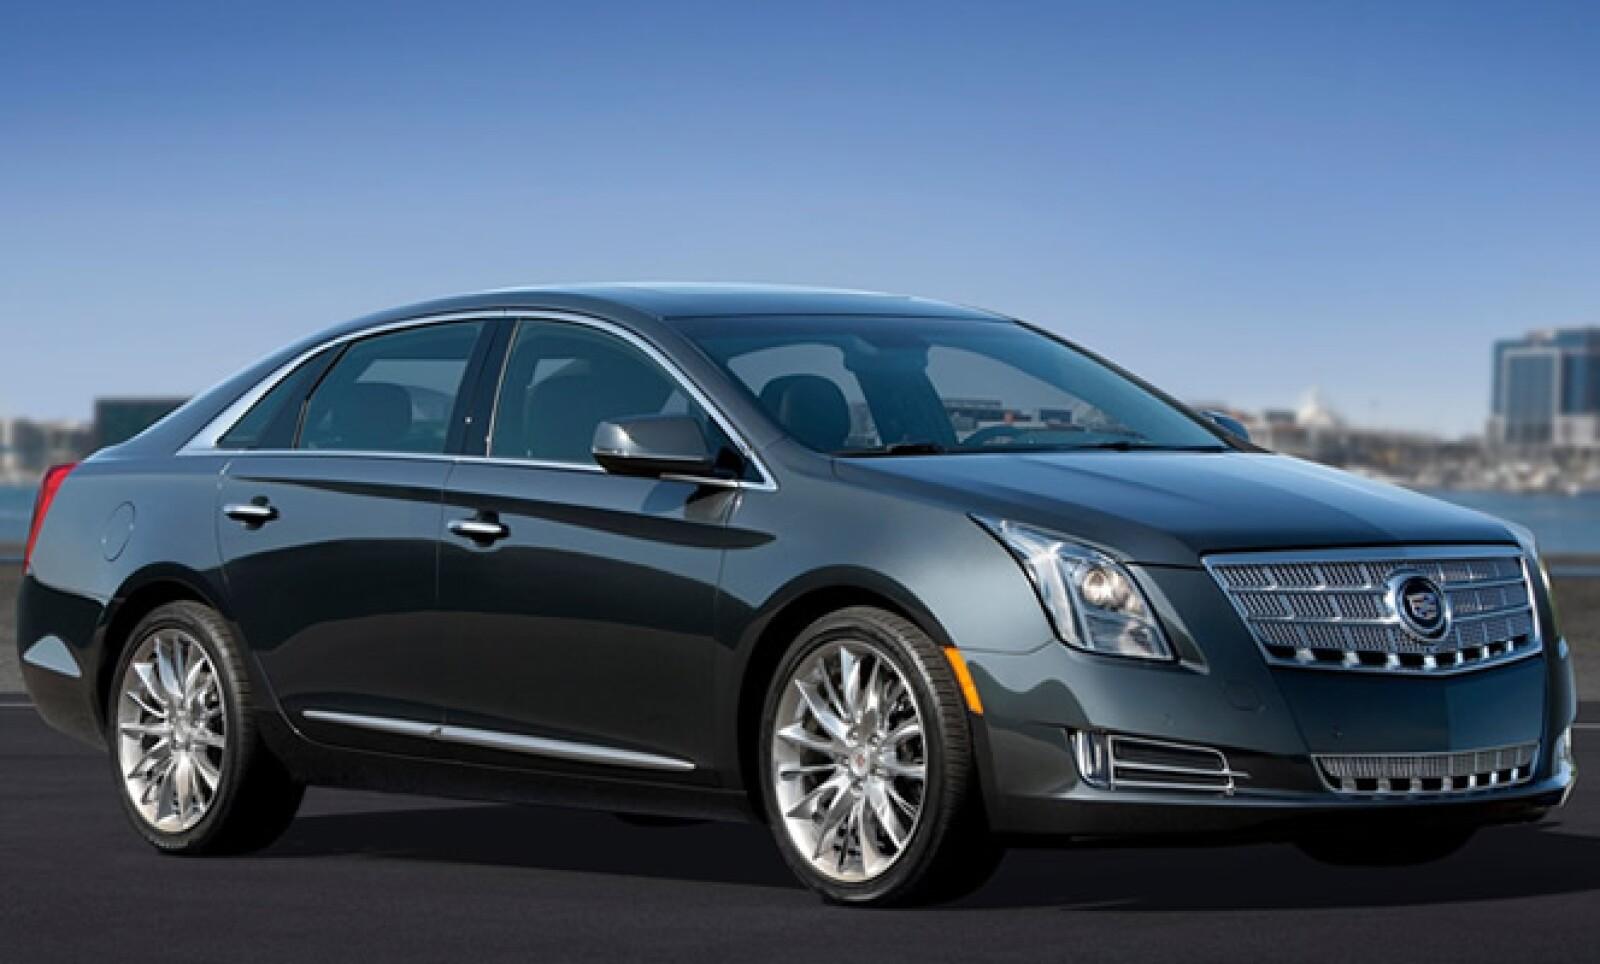 ´El modelo es impulsado por un motor V6 de 3.6 litros con inyección directa que desarrolla 300 caballos de fuerza.